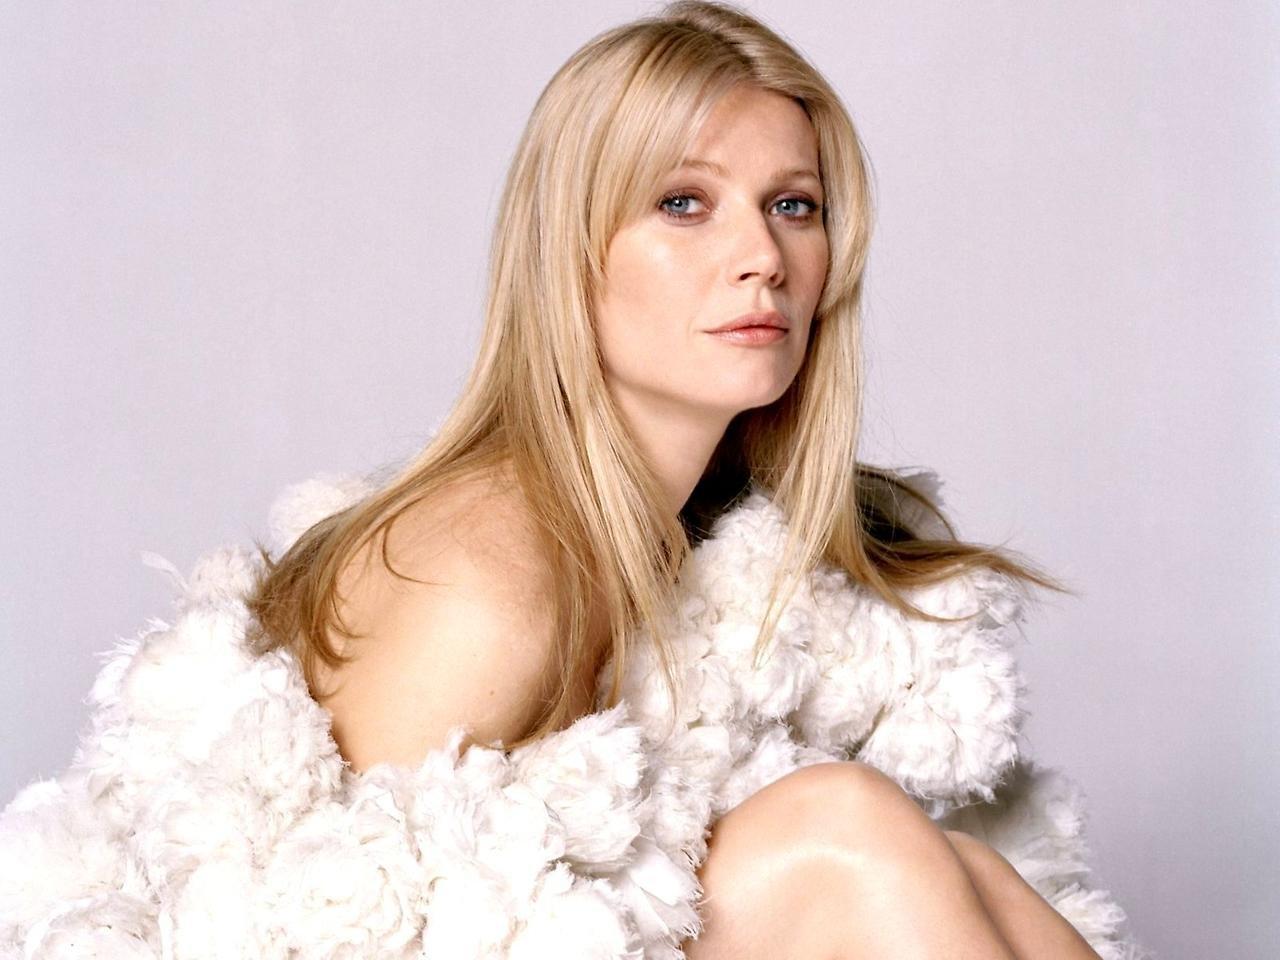 Список актрис angel фото 23 фотография